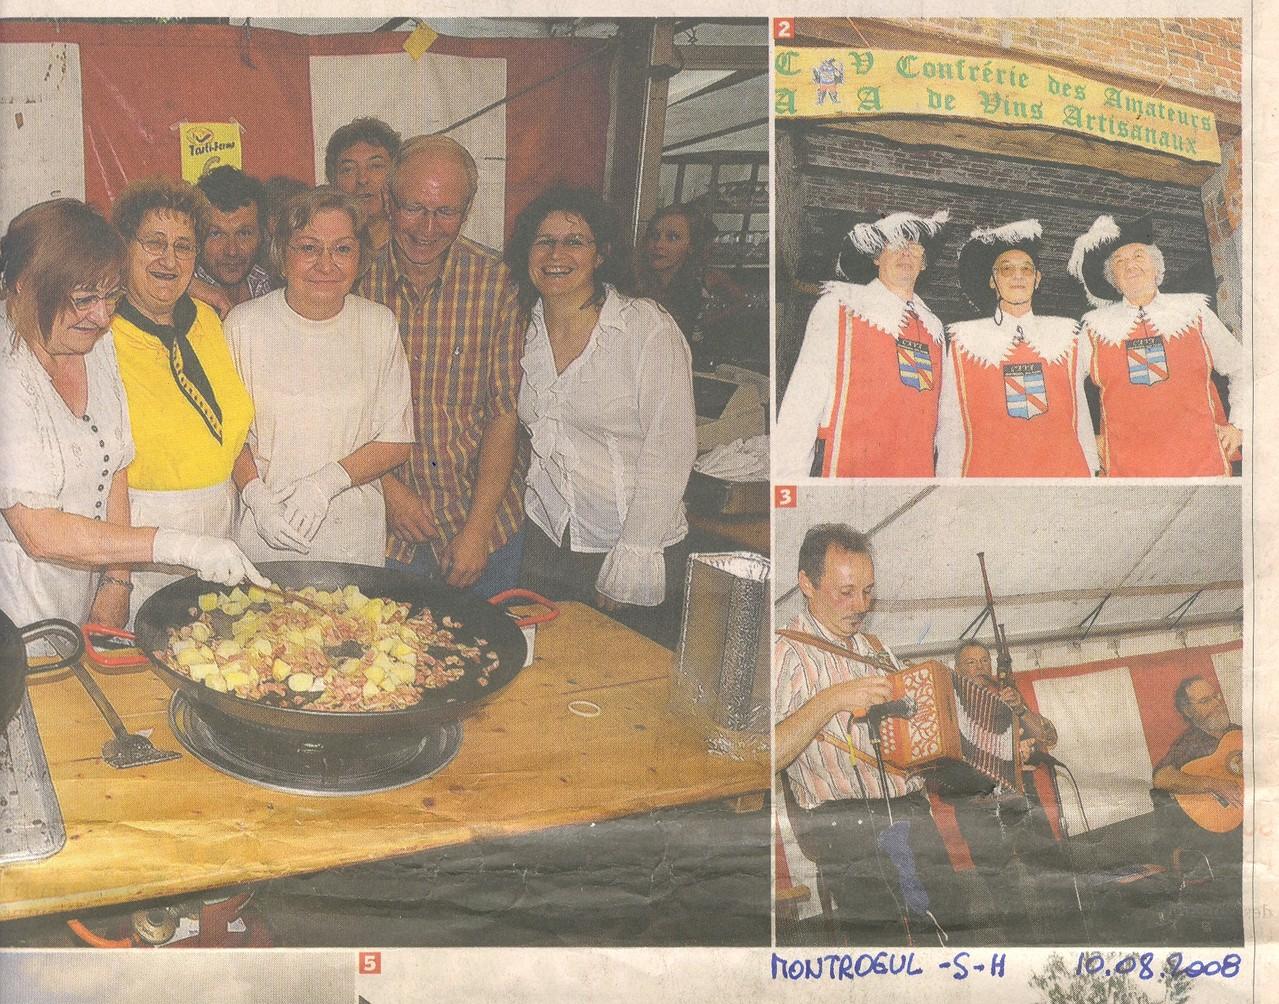 2008-08-10 MONTROEUIL-S-HAINE Fête au village